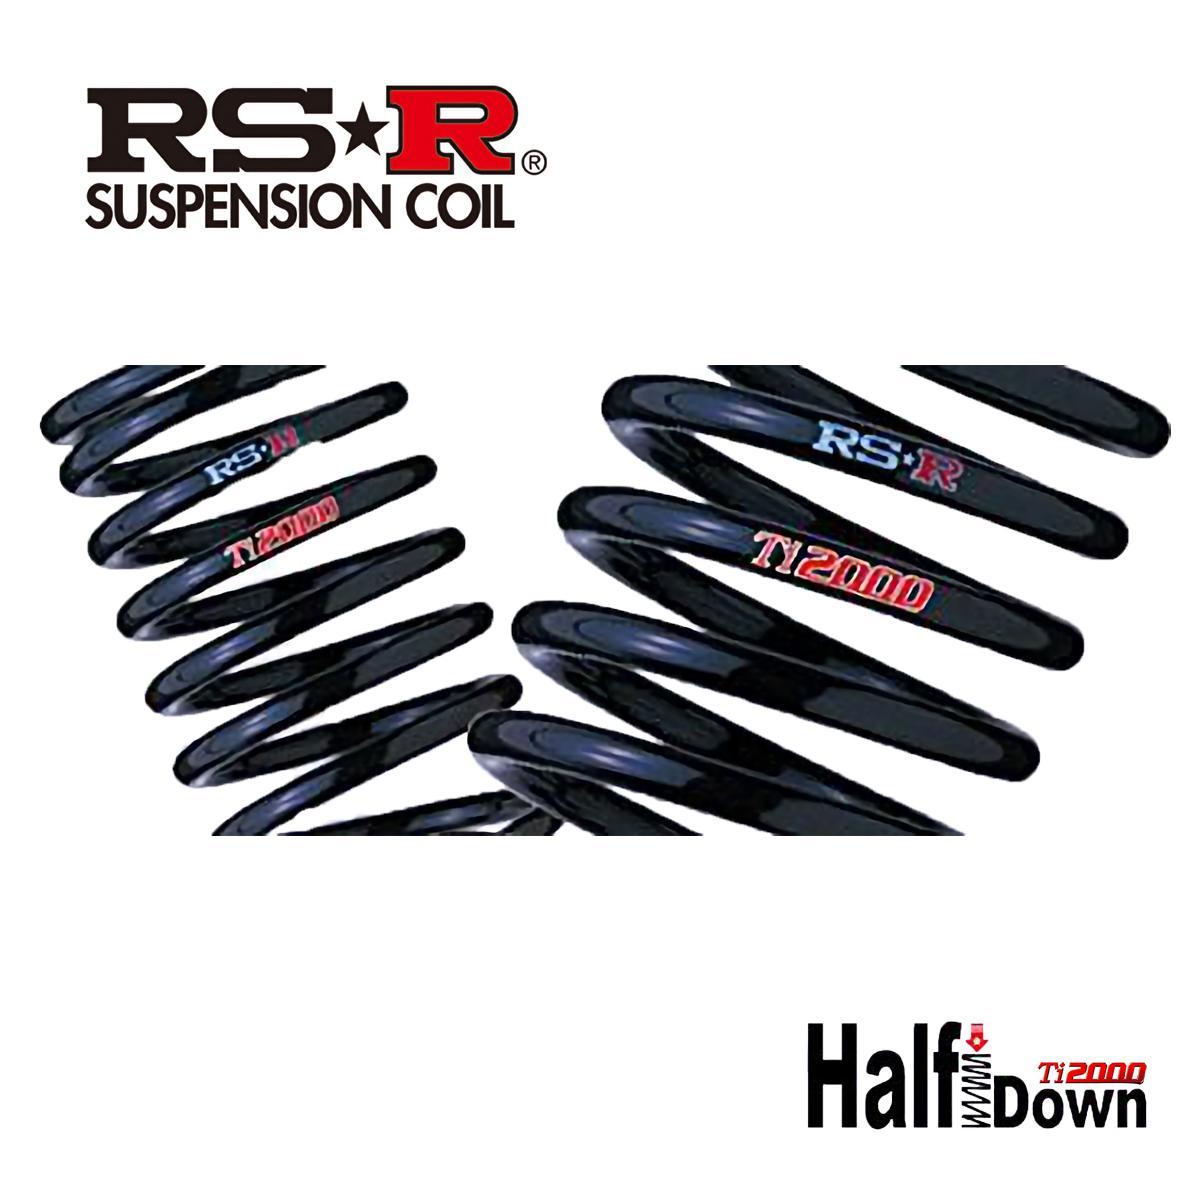 RS-R ジャスティ G スマートアシスト M900F ダウンサス スプリング 1台分 T513THD Ti2000 ハーフダウン RSR 個人宅発送追金有